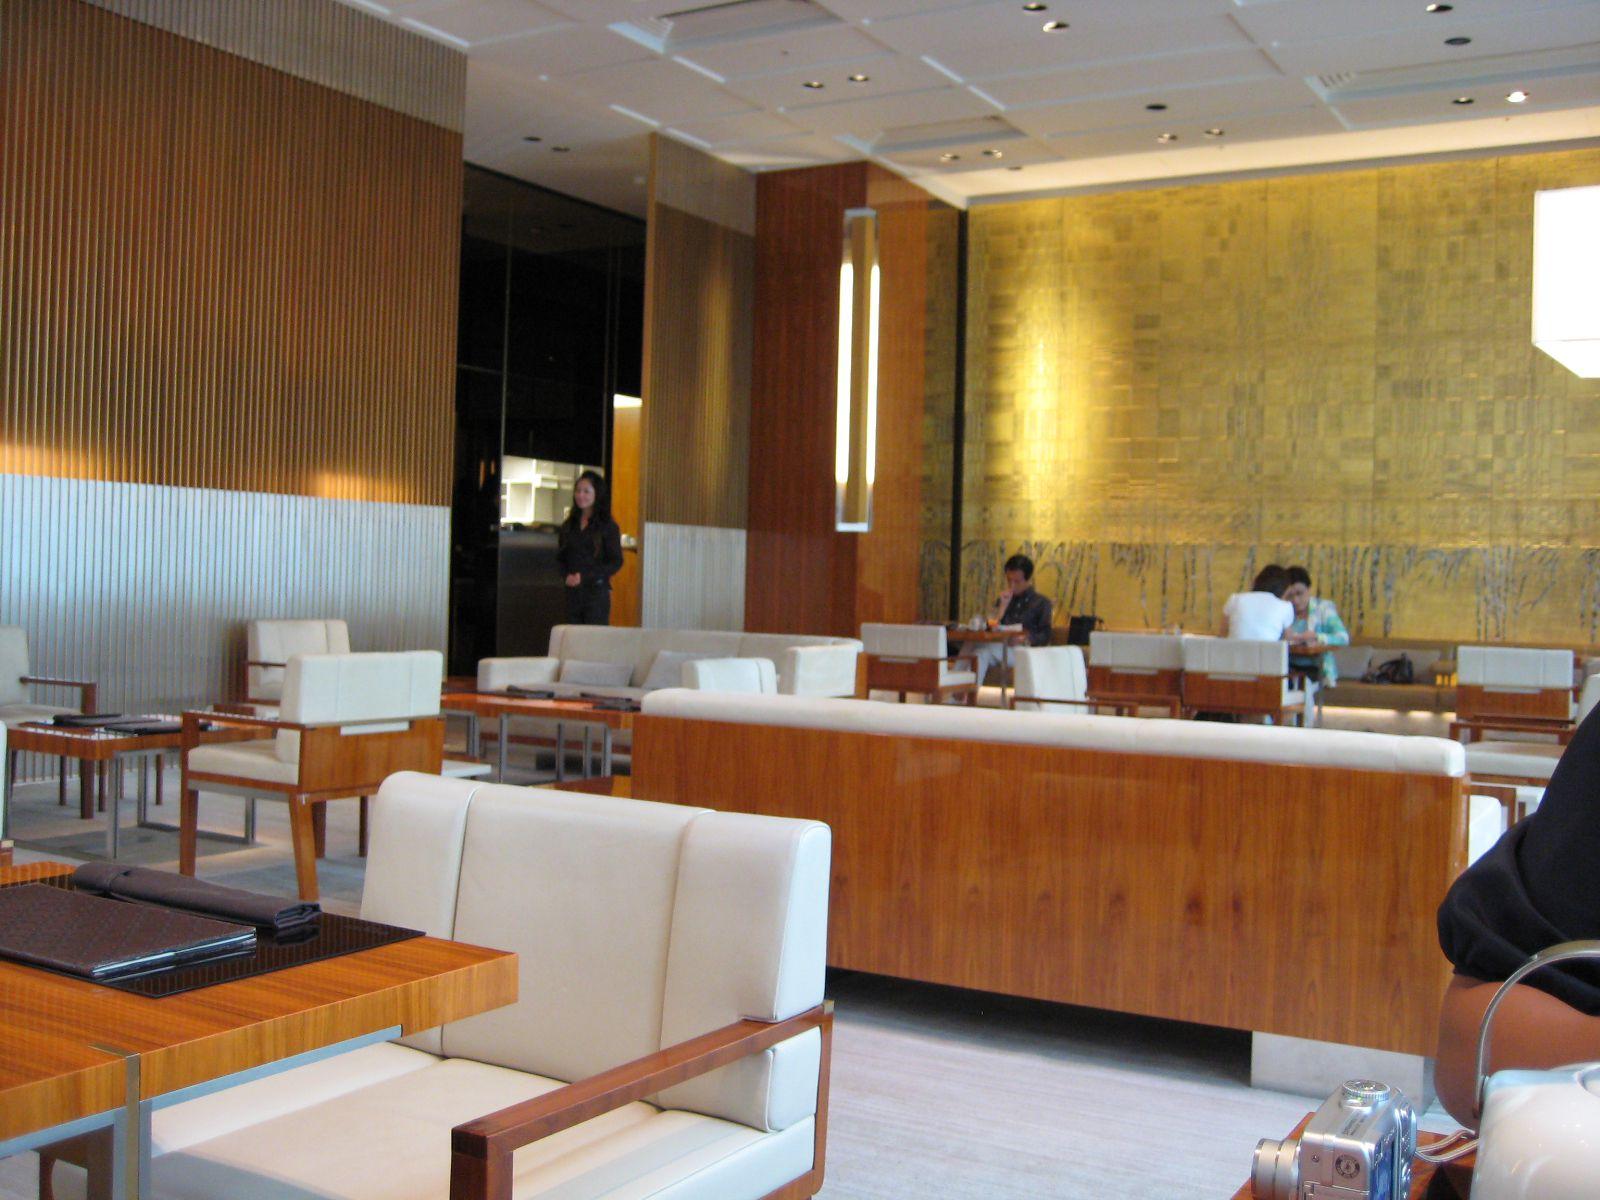 【東京】アルマーニも!高級ハイブランドが手掛けるカフェ・レストラン5選